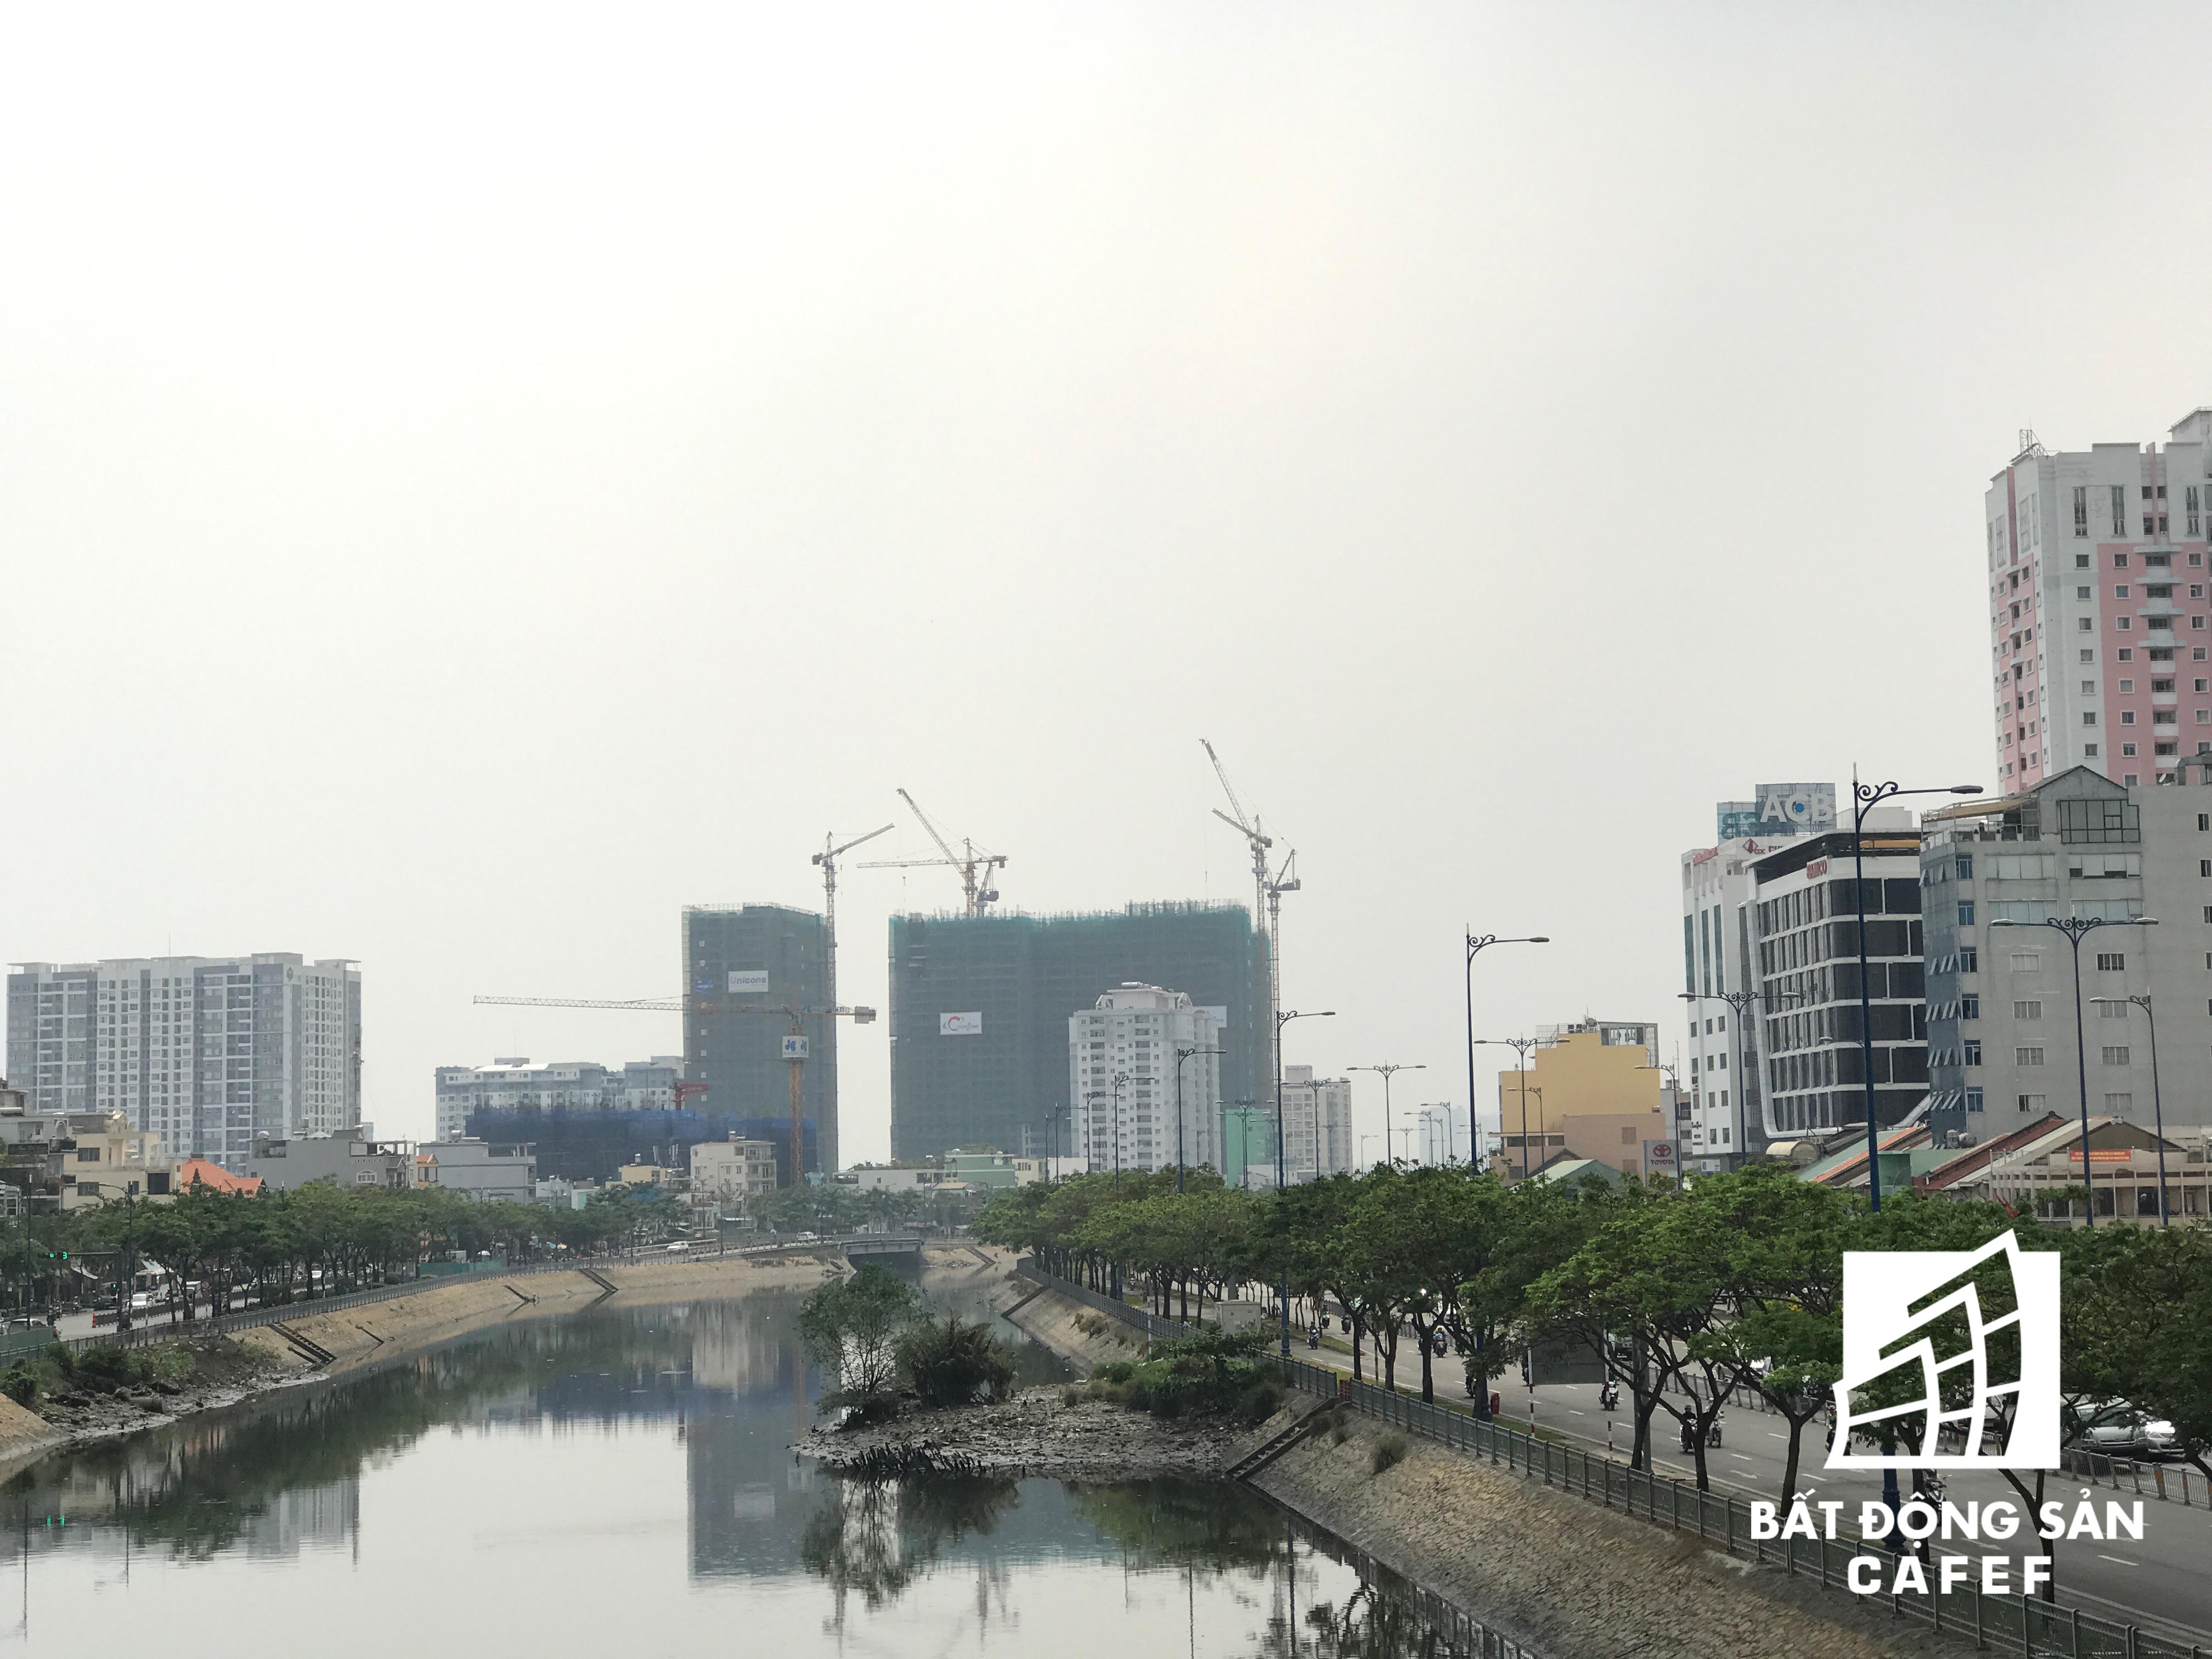 Dọc sông Bến Nghé, nhiều tổ hợp chung cư cao cấp đang mọc lên.